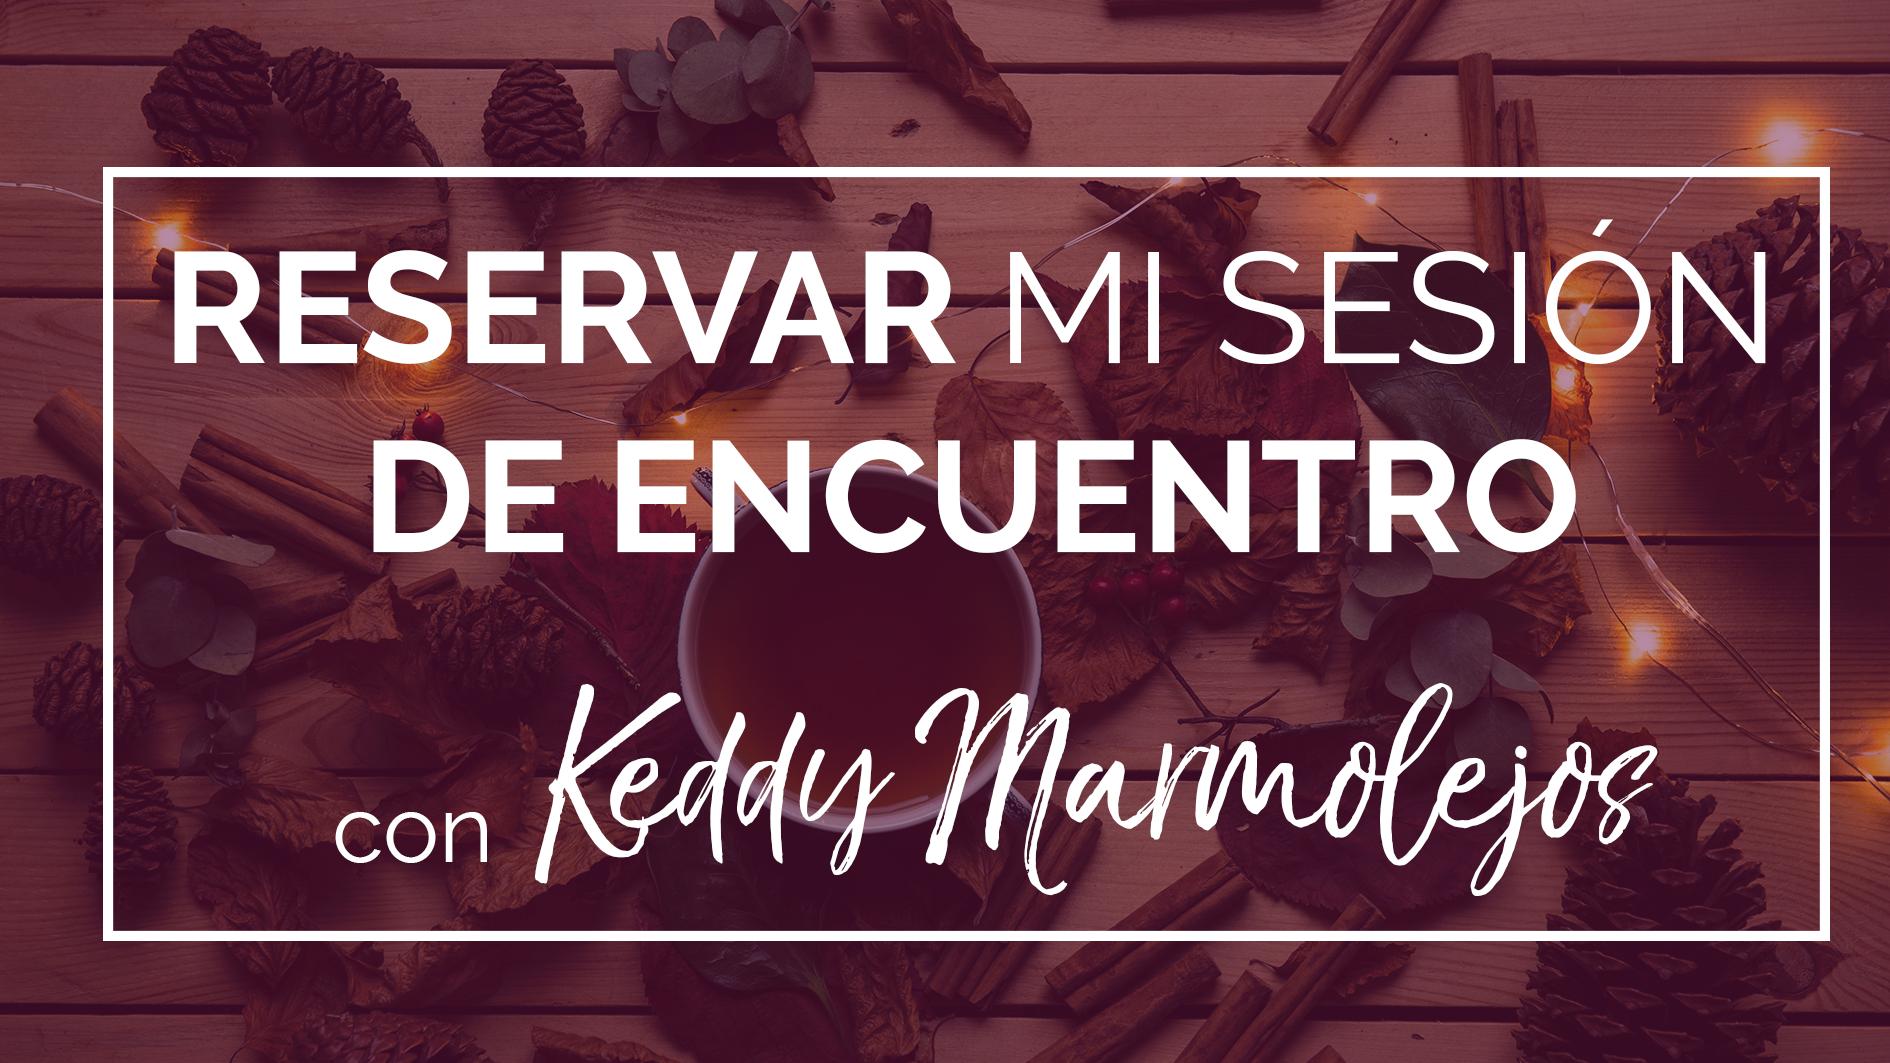 Sesión encuentro Vuelve a tu esencia Keddy Marmolejos.png